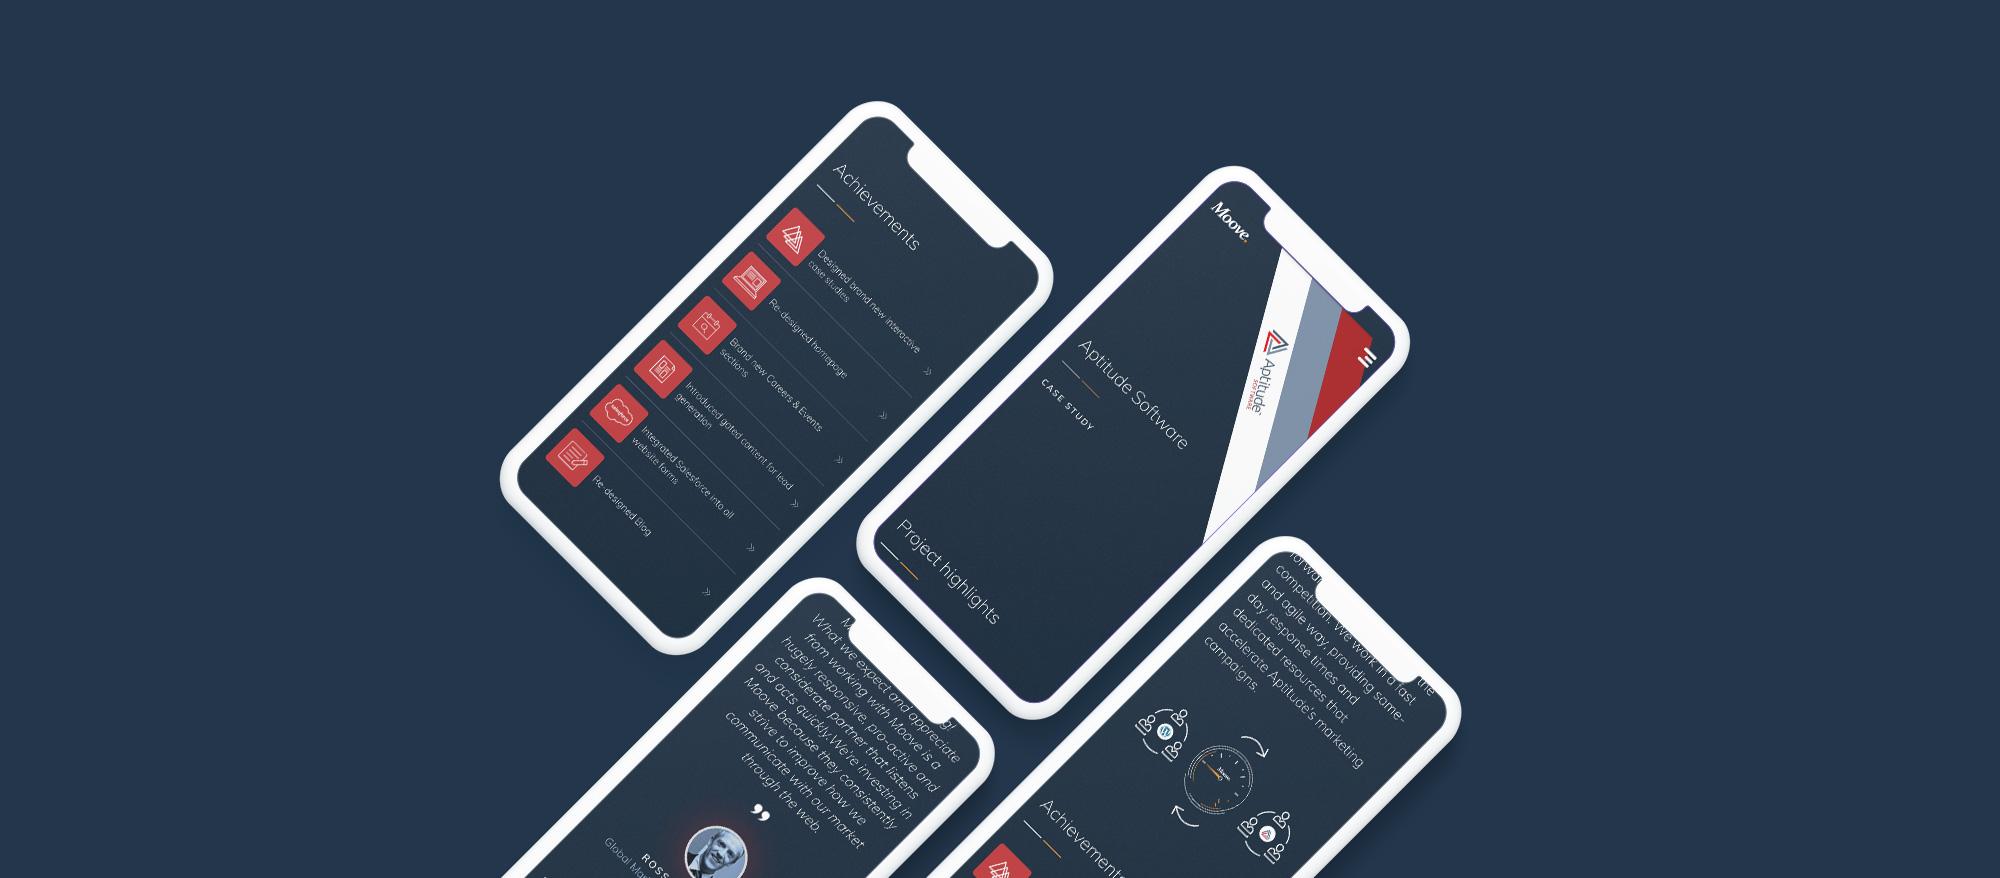 mobilefull